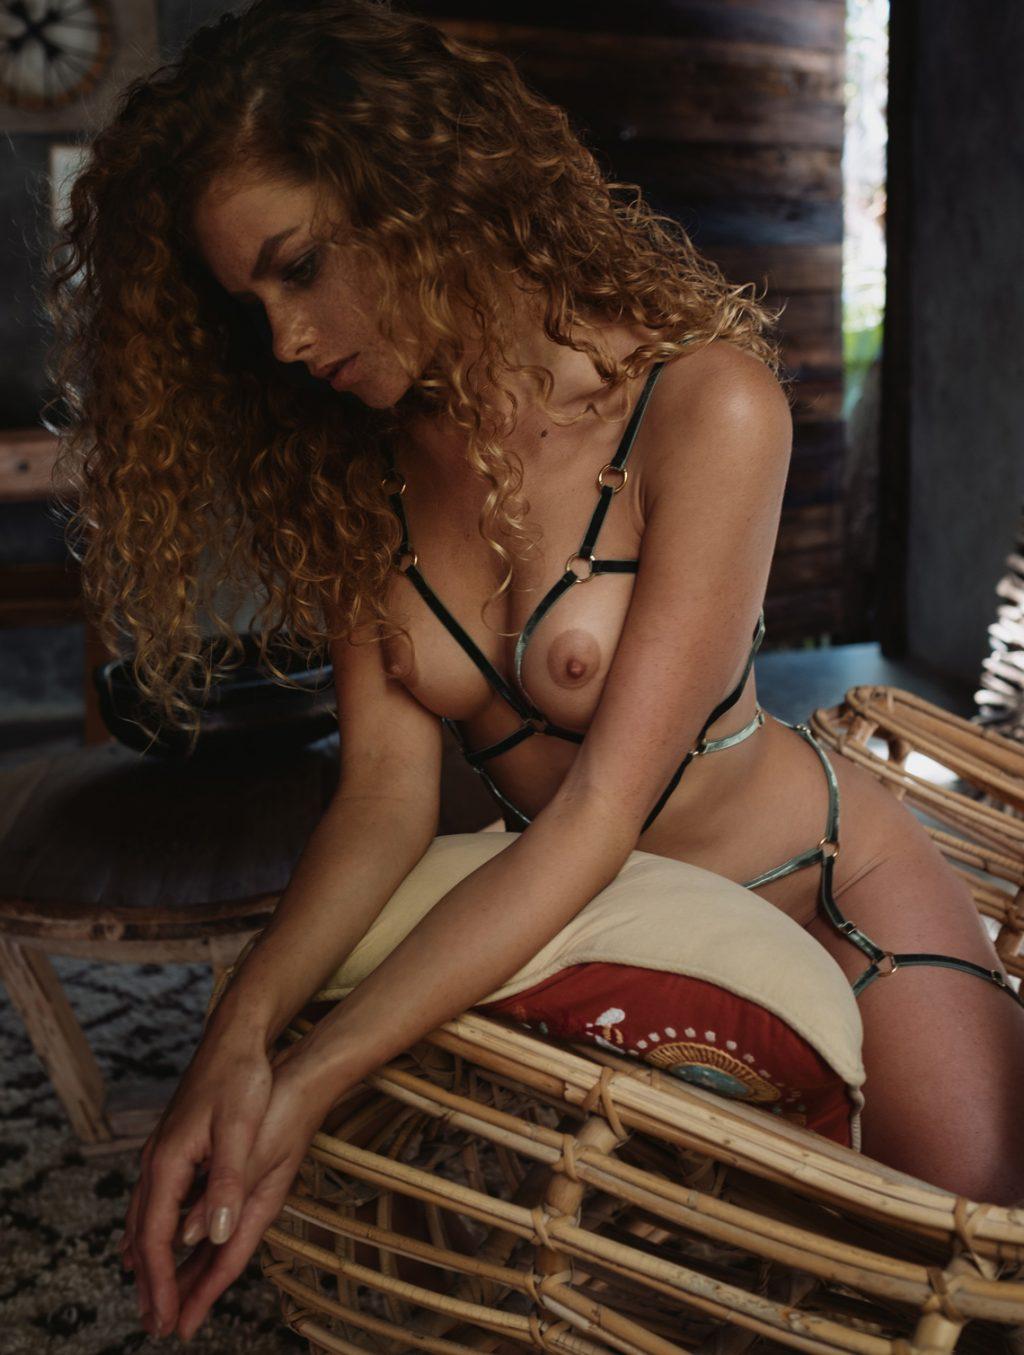 Nude julia yaroshenko Nude